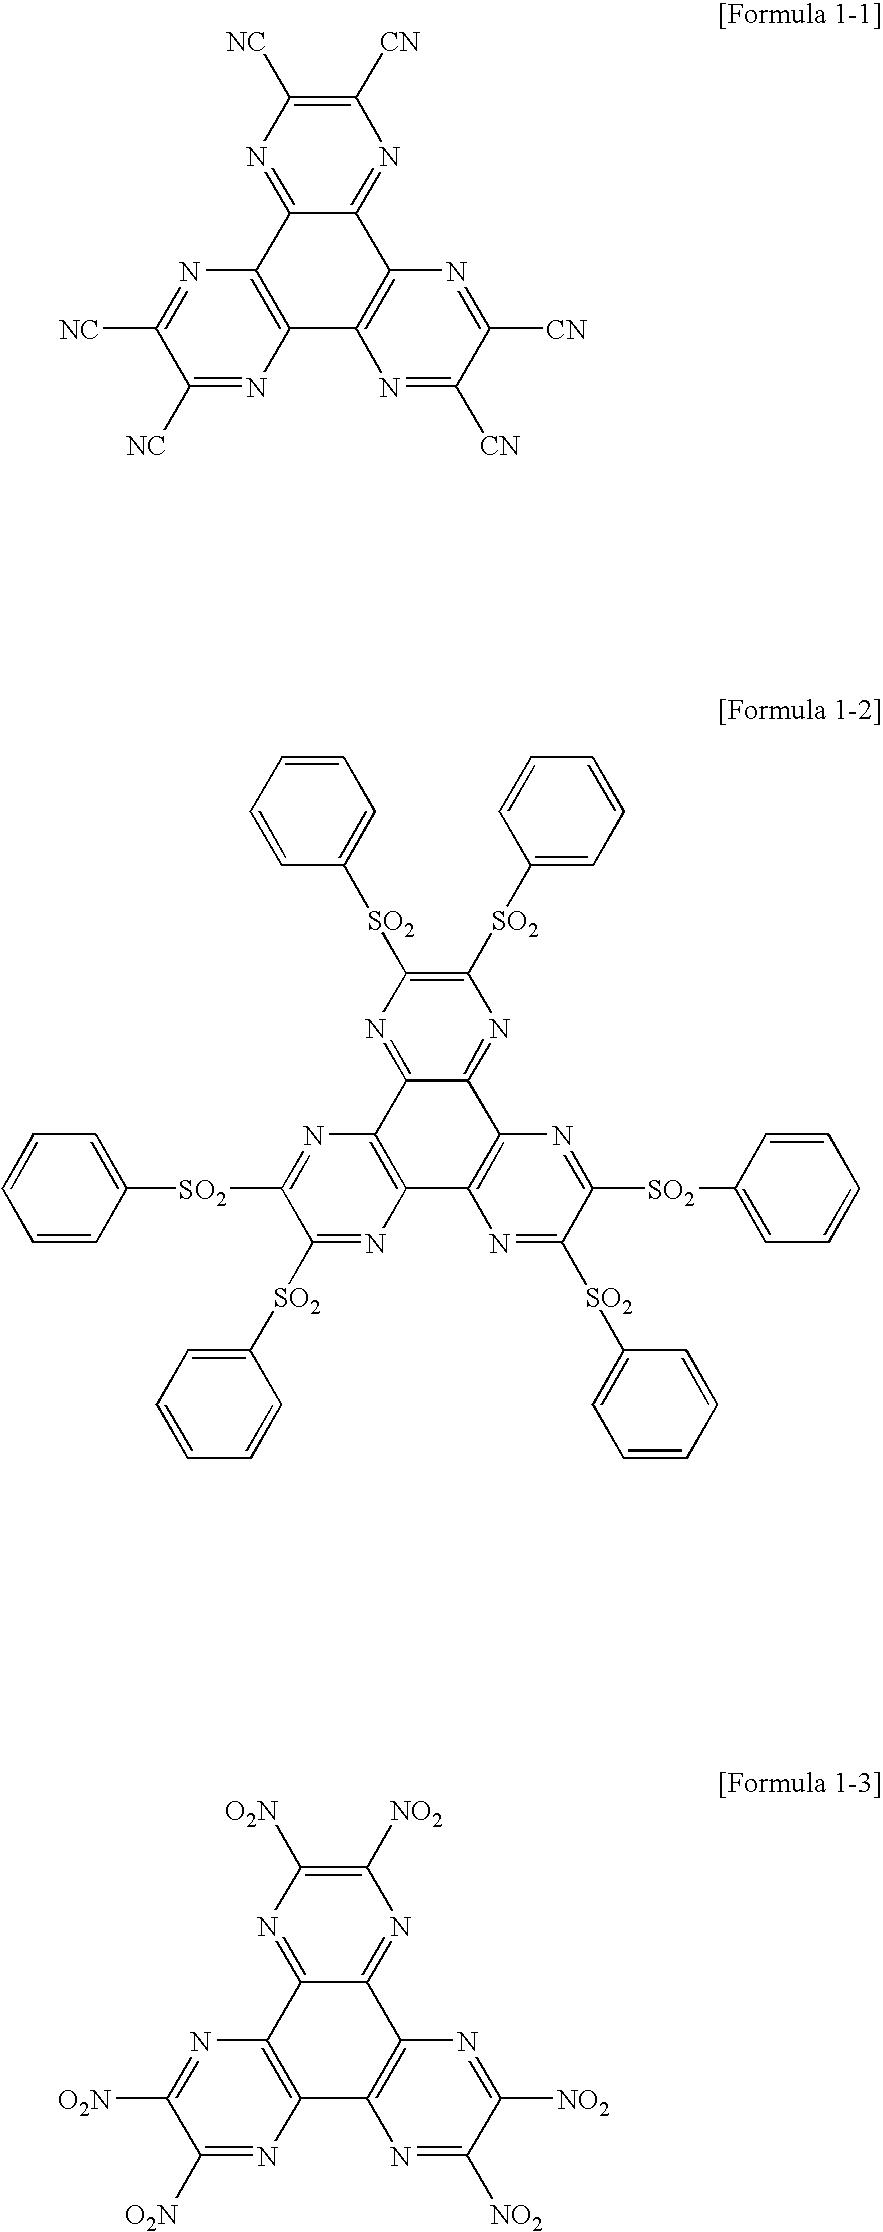 Figure US20090009101A1-20090108-C00002